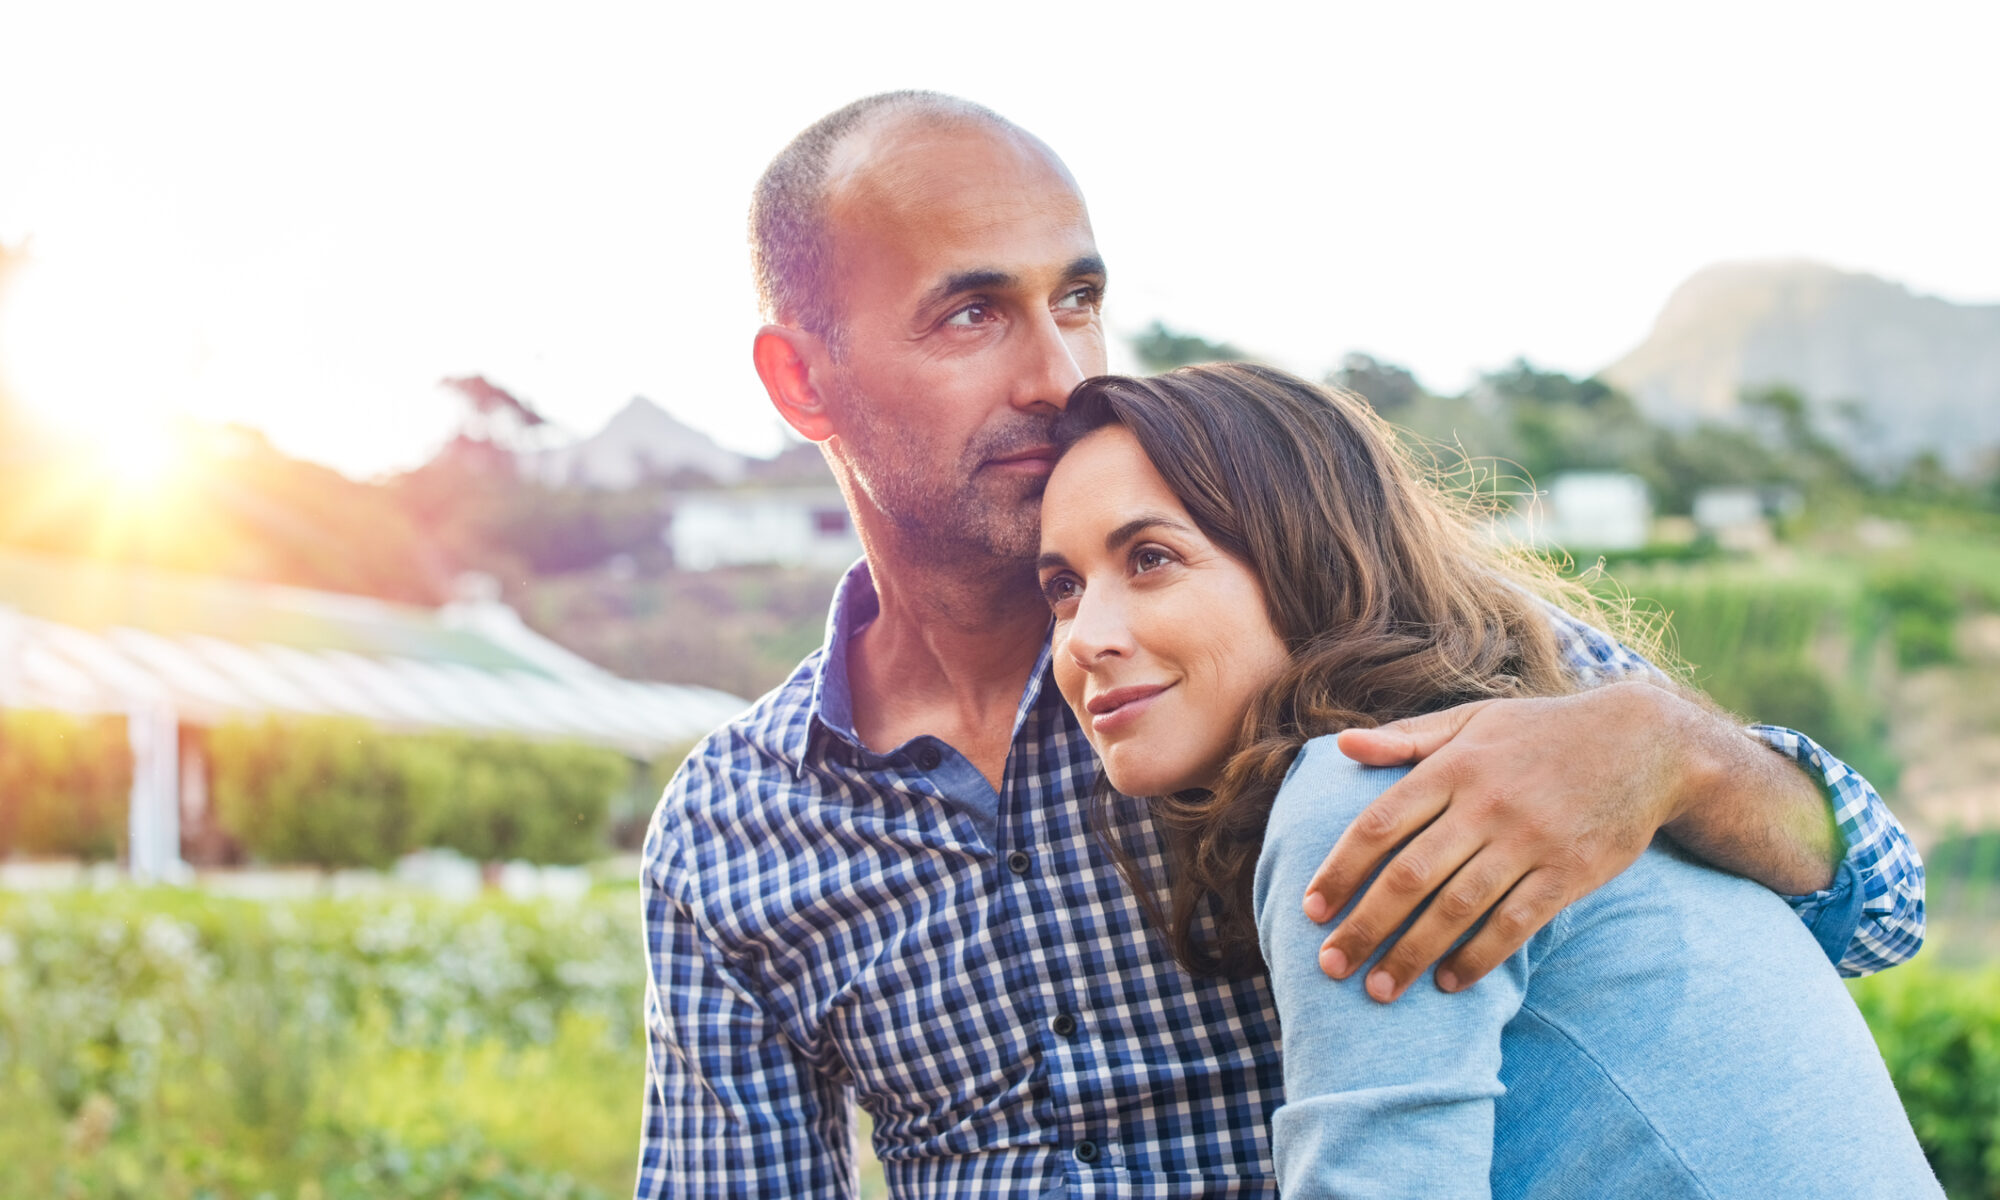 Mann hält Frau im Arm